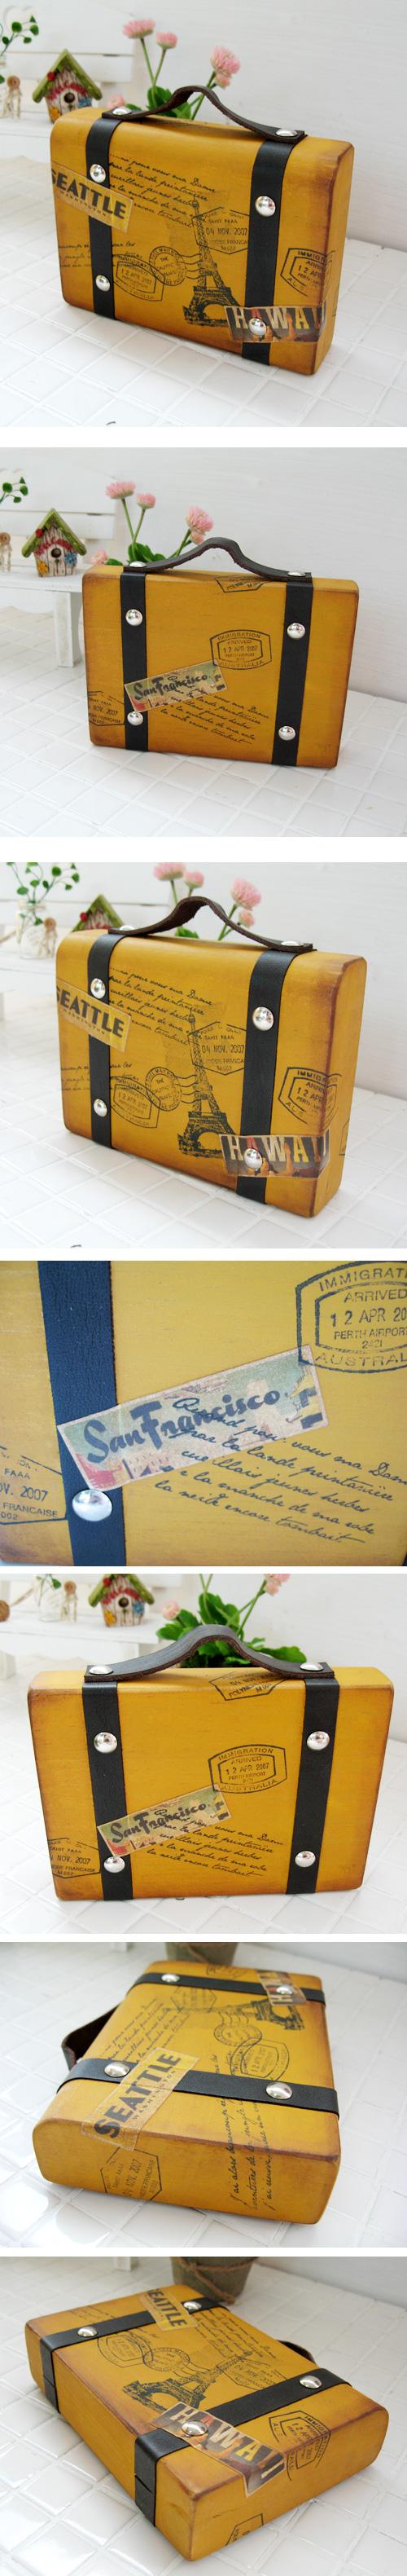 컨츄리 목각 가방 장식모형 - 안나하우스, 36,000원, 장식소품, 엔틱오브제